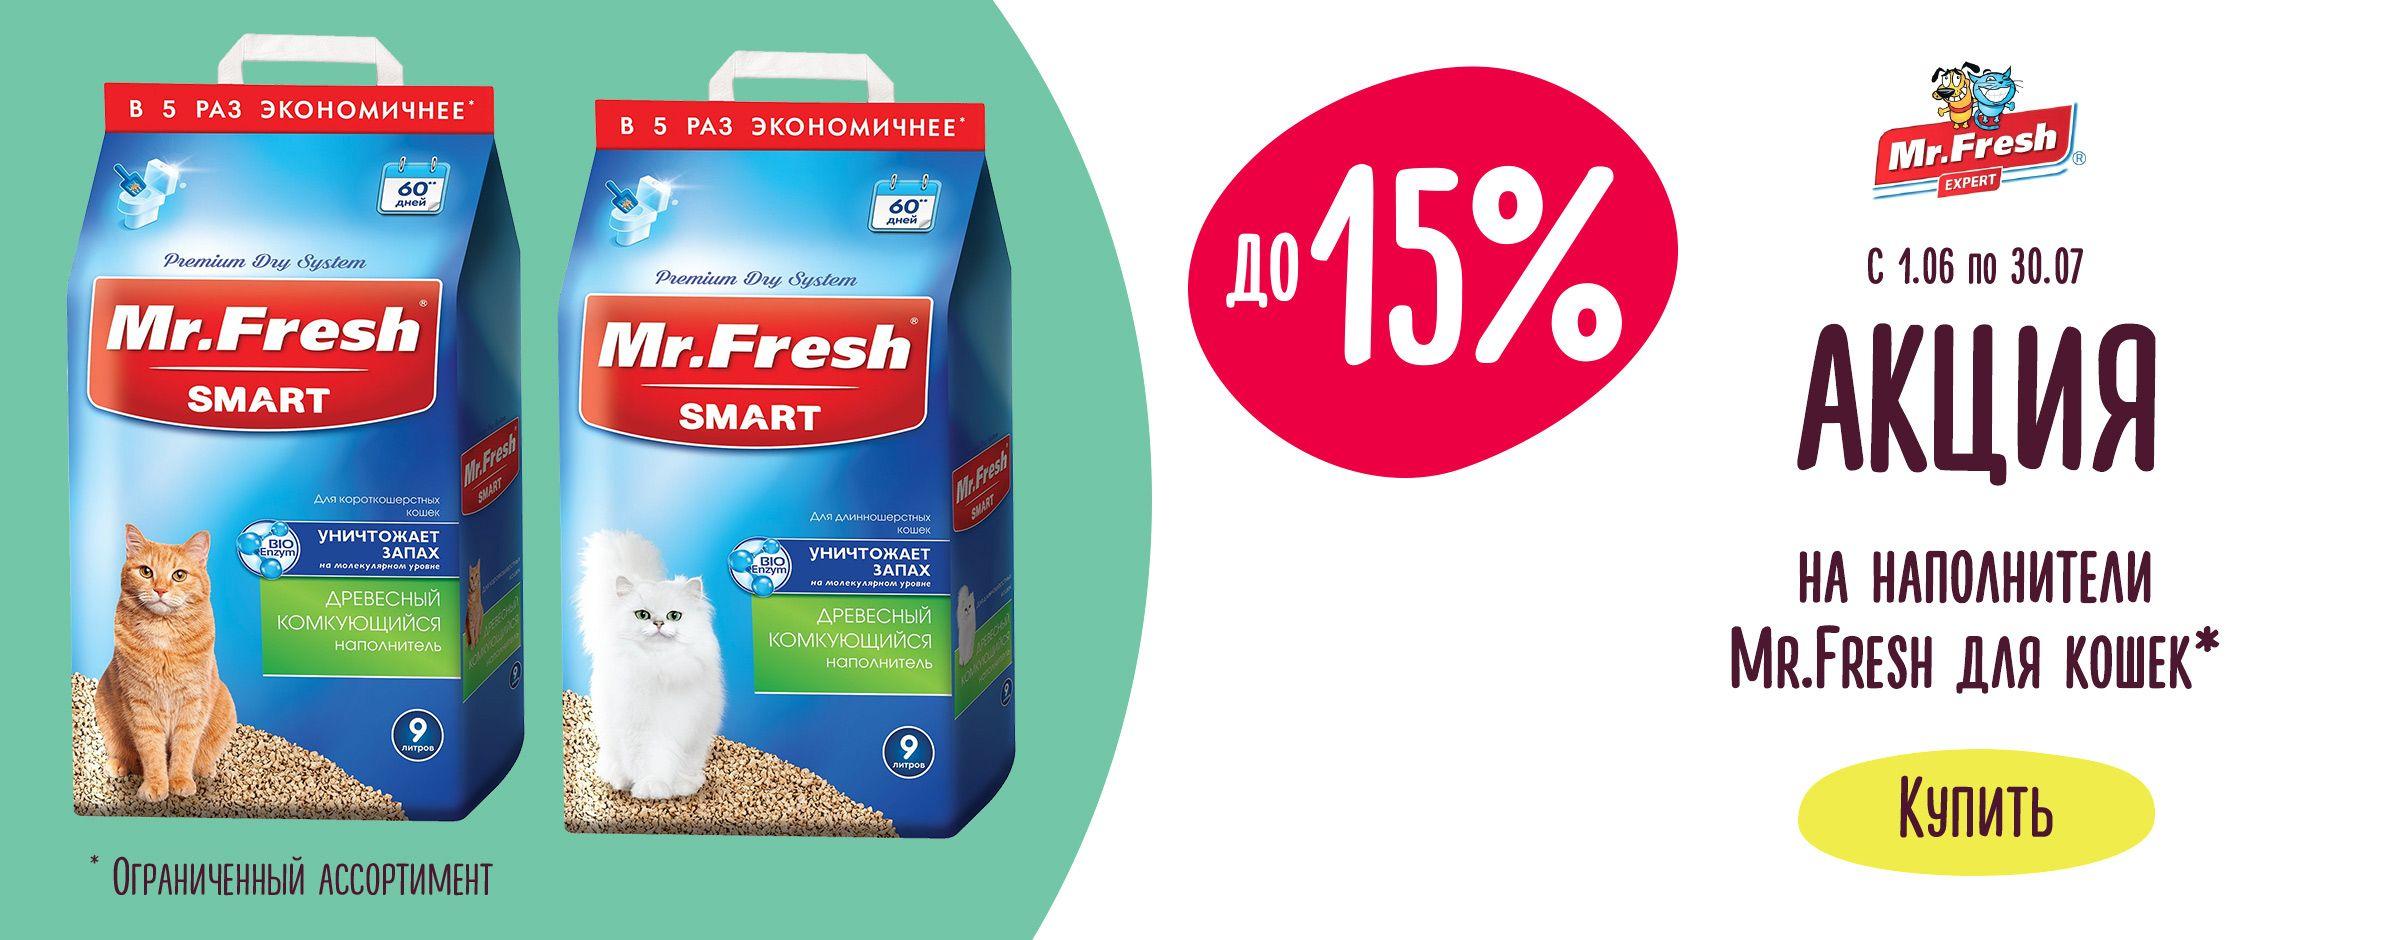 Скидки до 15% на наполнители Mr.Fresh для кошек